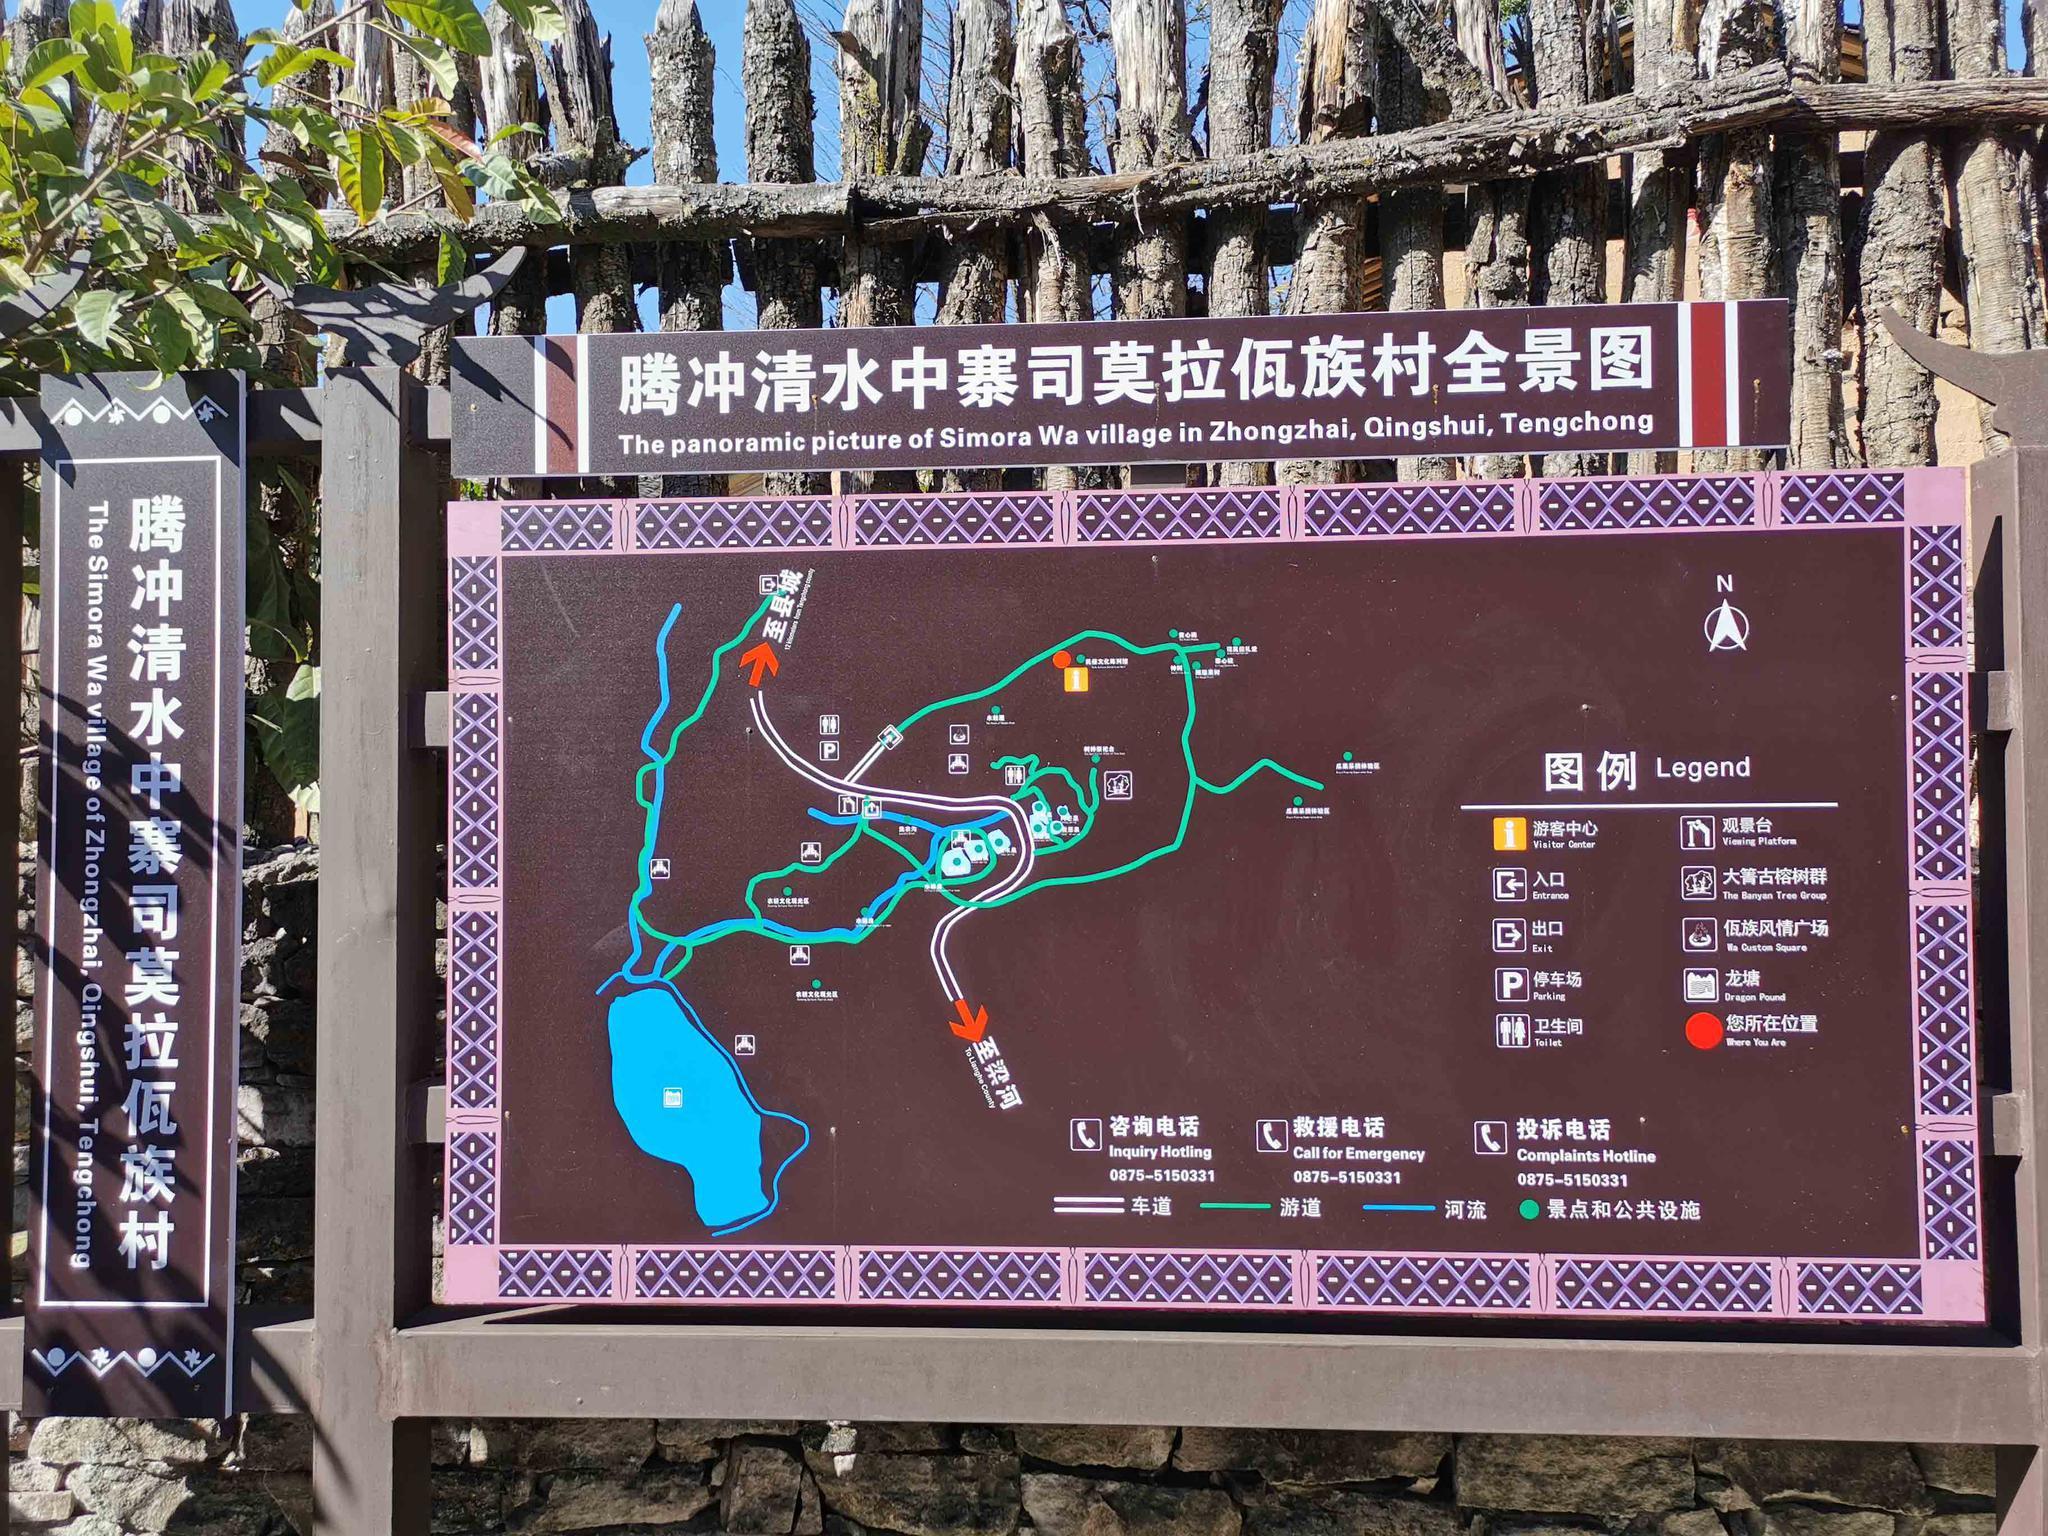 习近平云南行 首站探访腾冲司莫拉佤族村图片